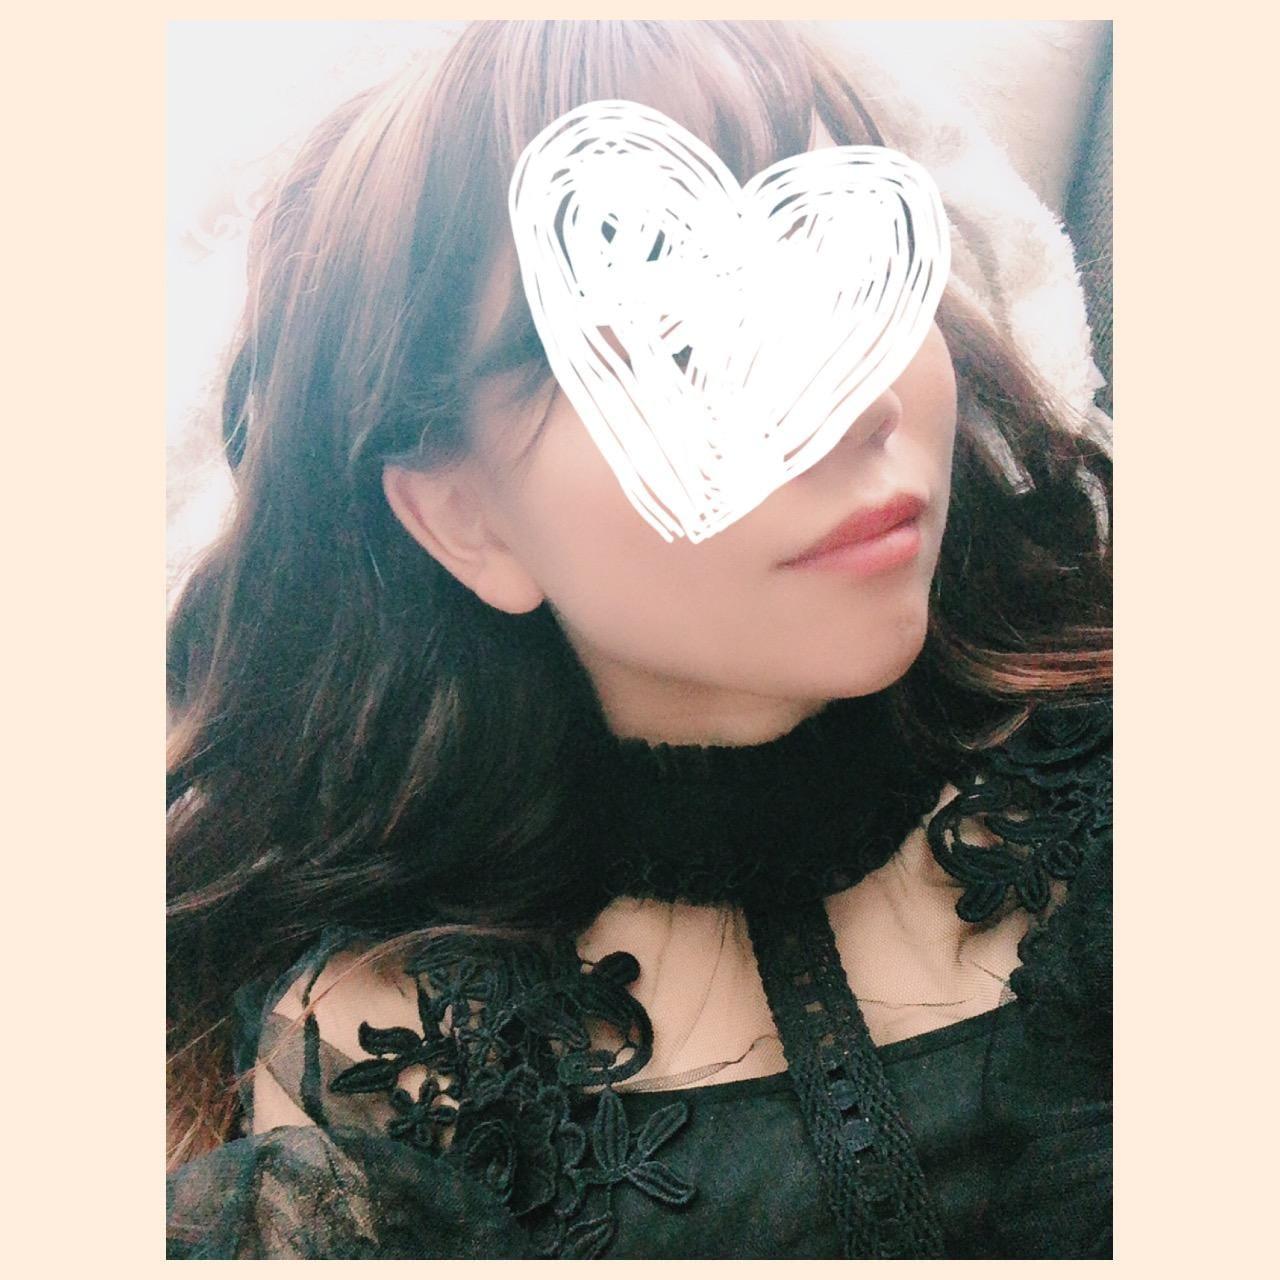 「ミレン♪短い時間ですが宜しくお願い致します♪」09/11(火) 16:12 | 美恋(ミレン)の写メ・風俗動画